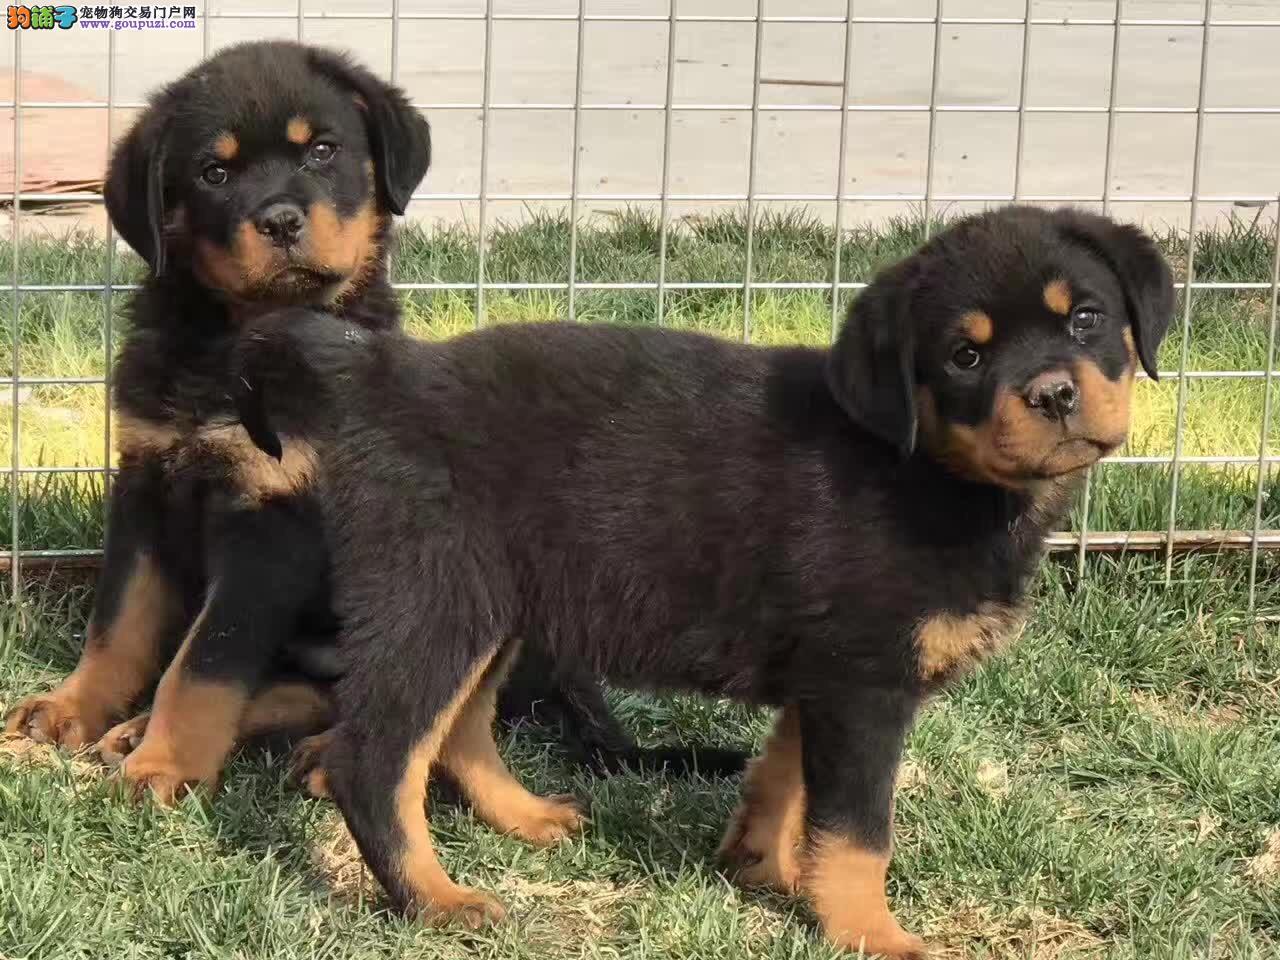 天津哪里有卖罗威纳 罗威纳多少钱 德系罗威纳幼犬